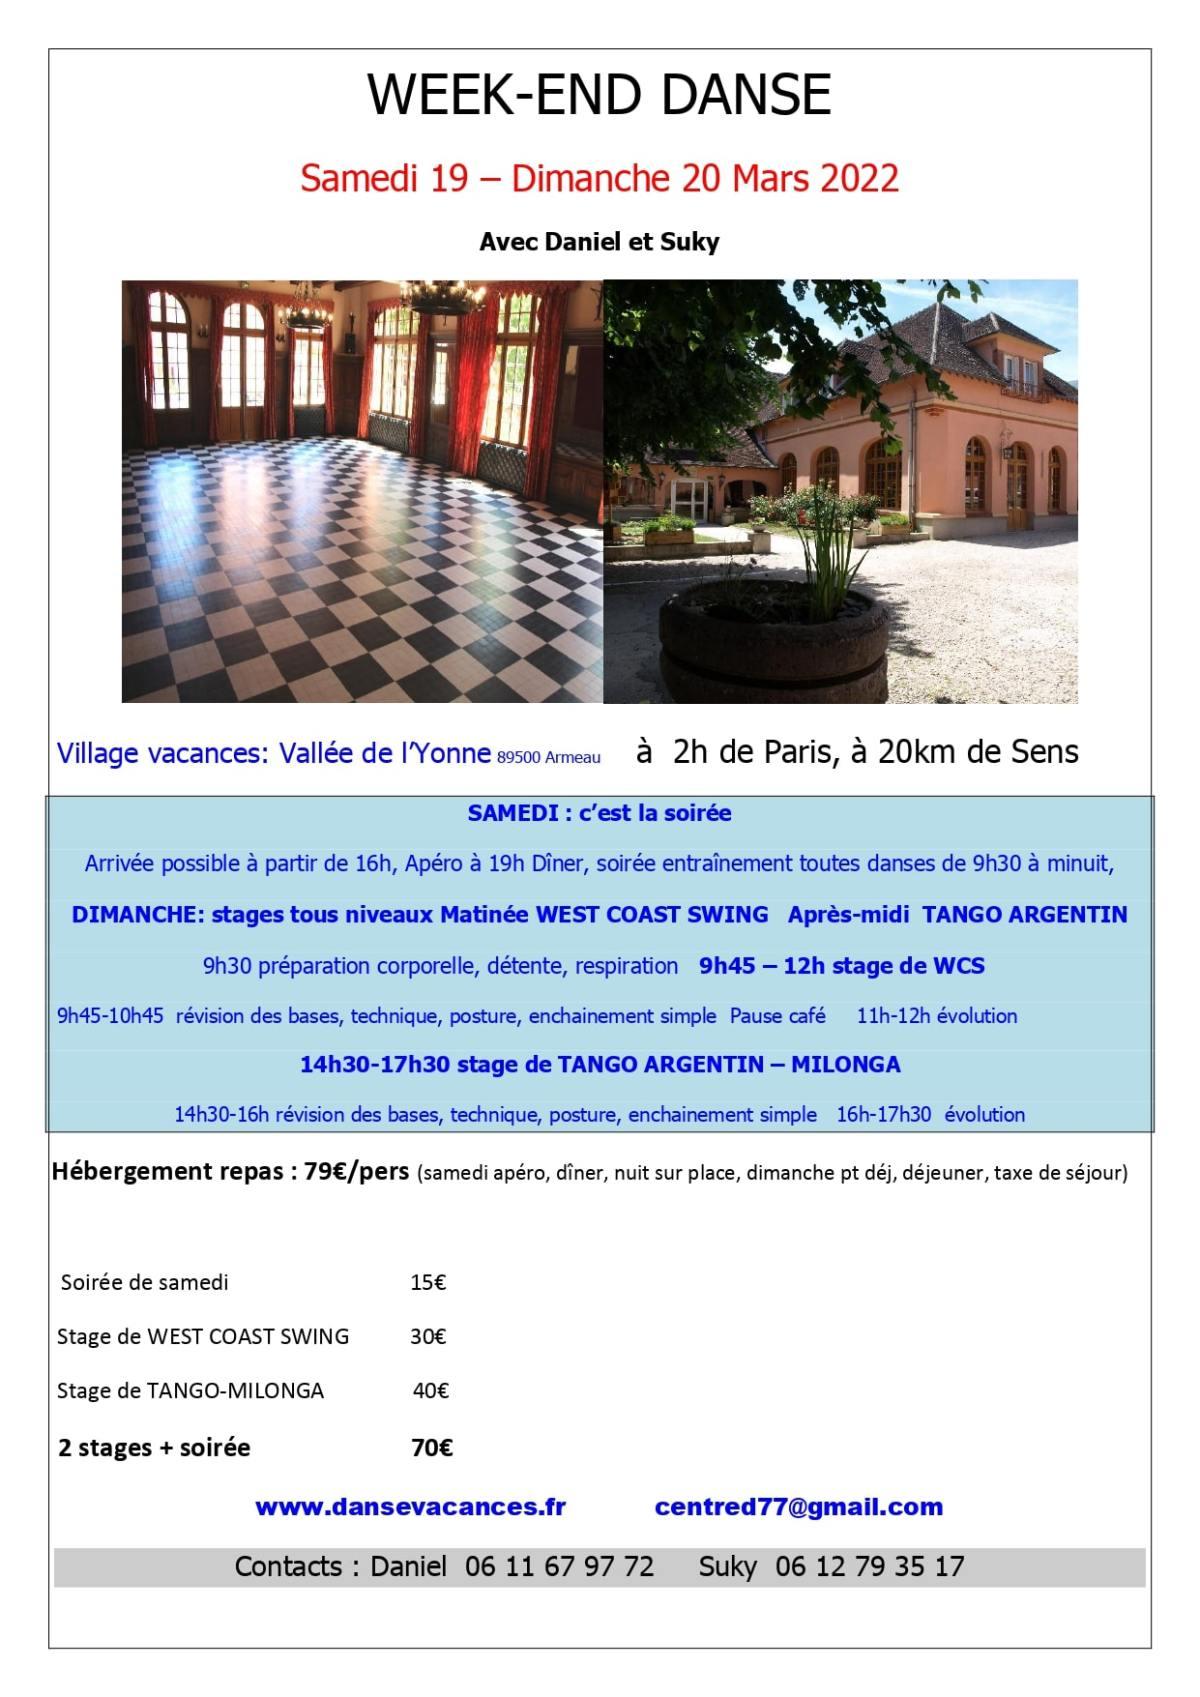 Week-end de danse du 19 au 20 mars 2022 à la Valée de l'Yonne